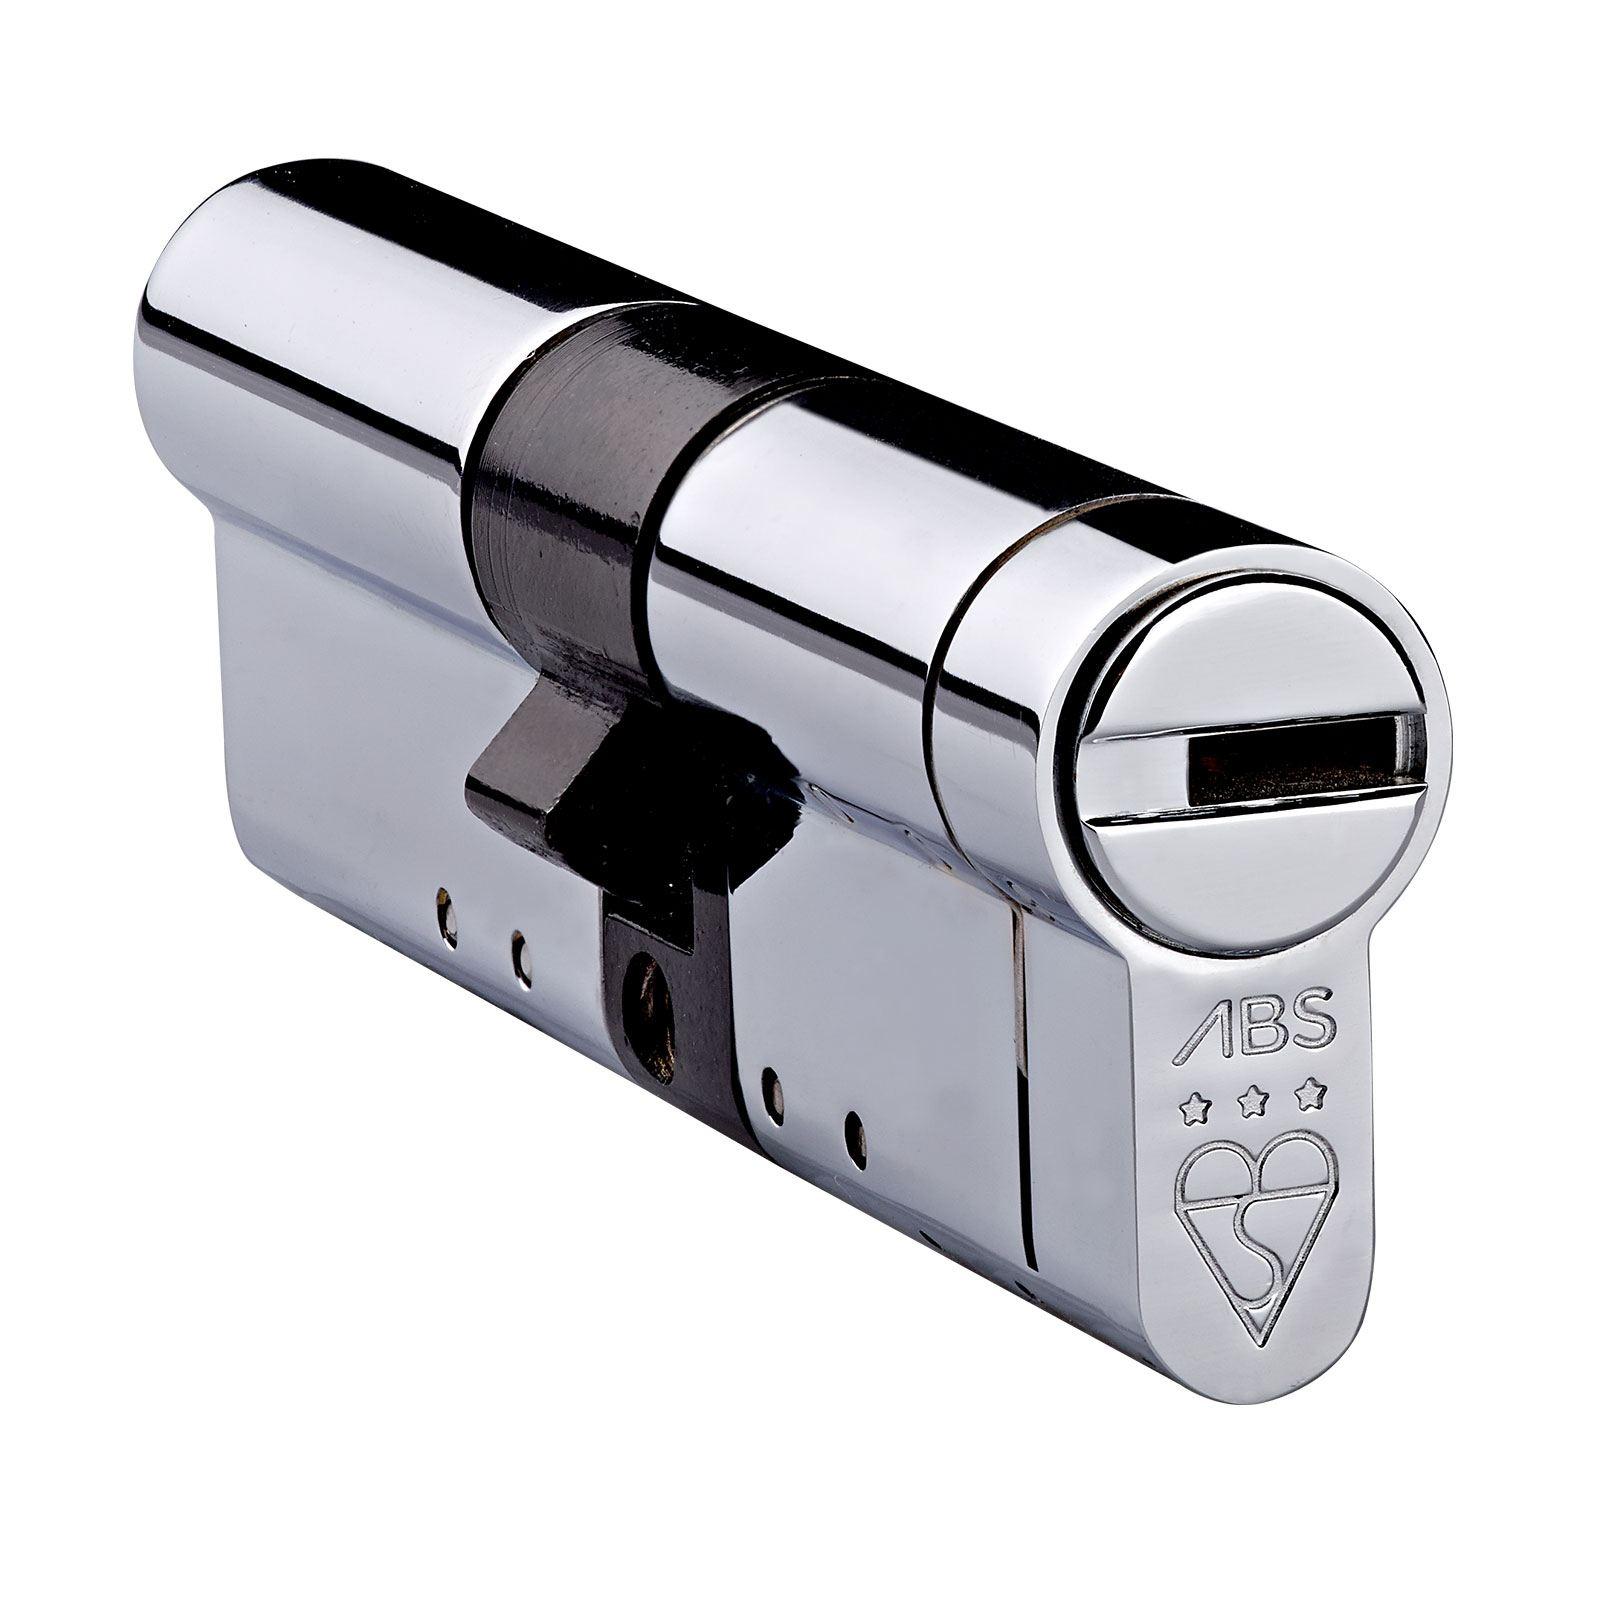 Avocet abs high security euro cylinder upvc door lock anti for 1 2 lock the door